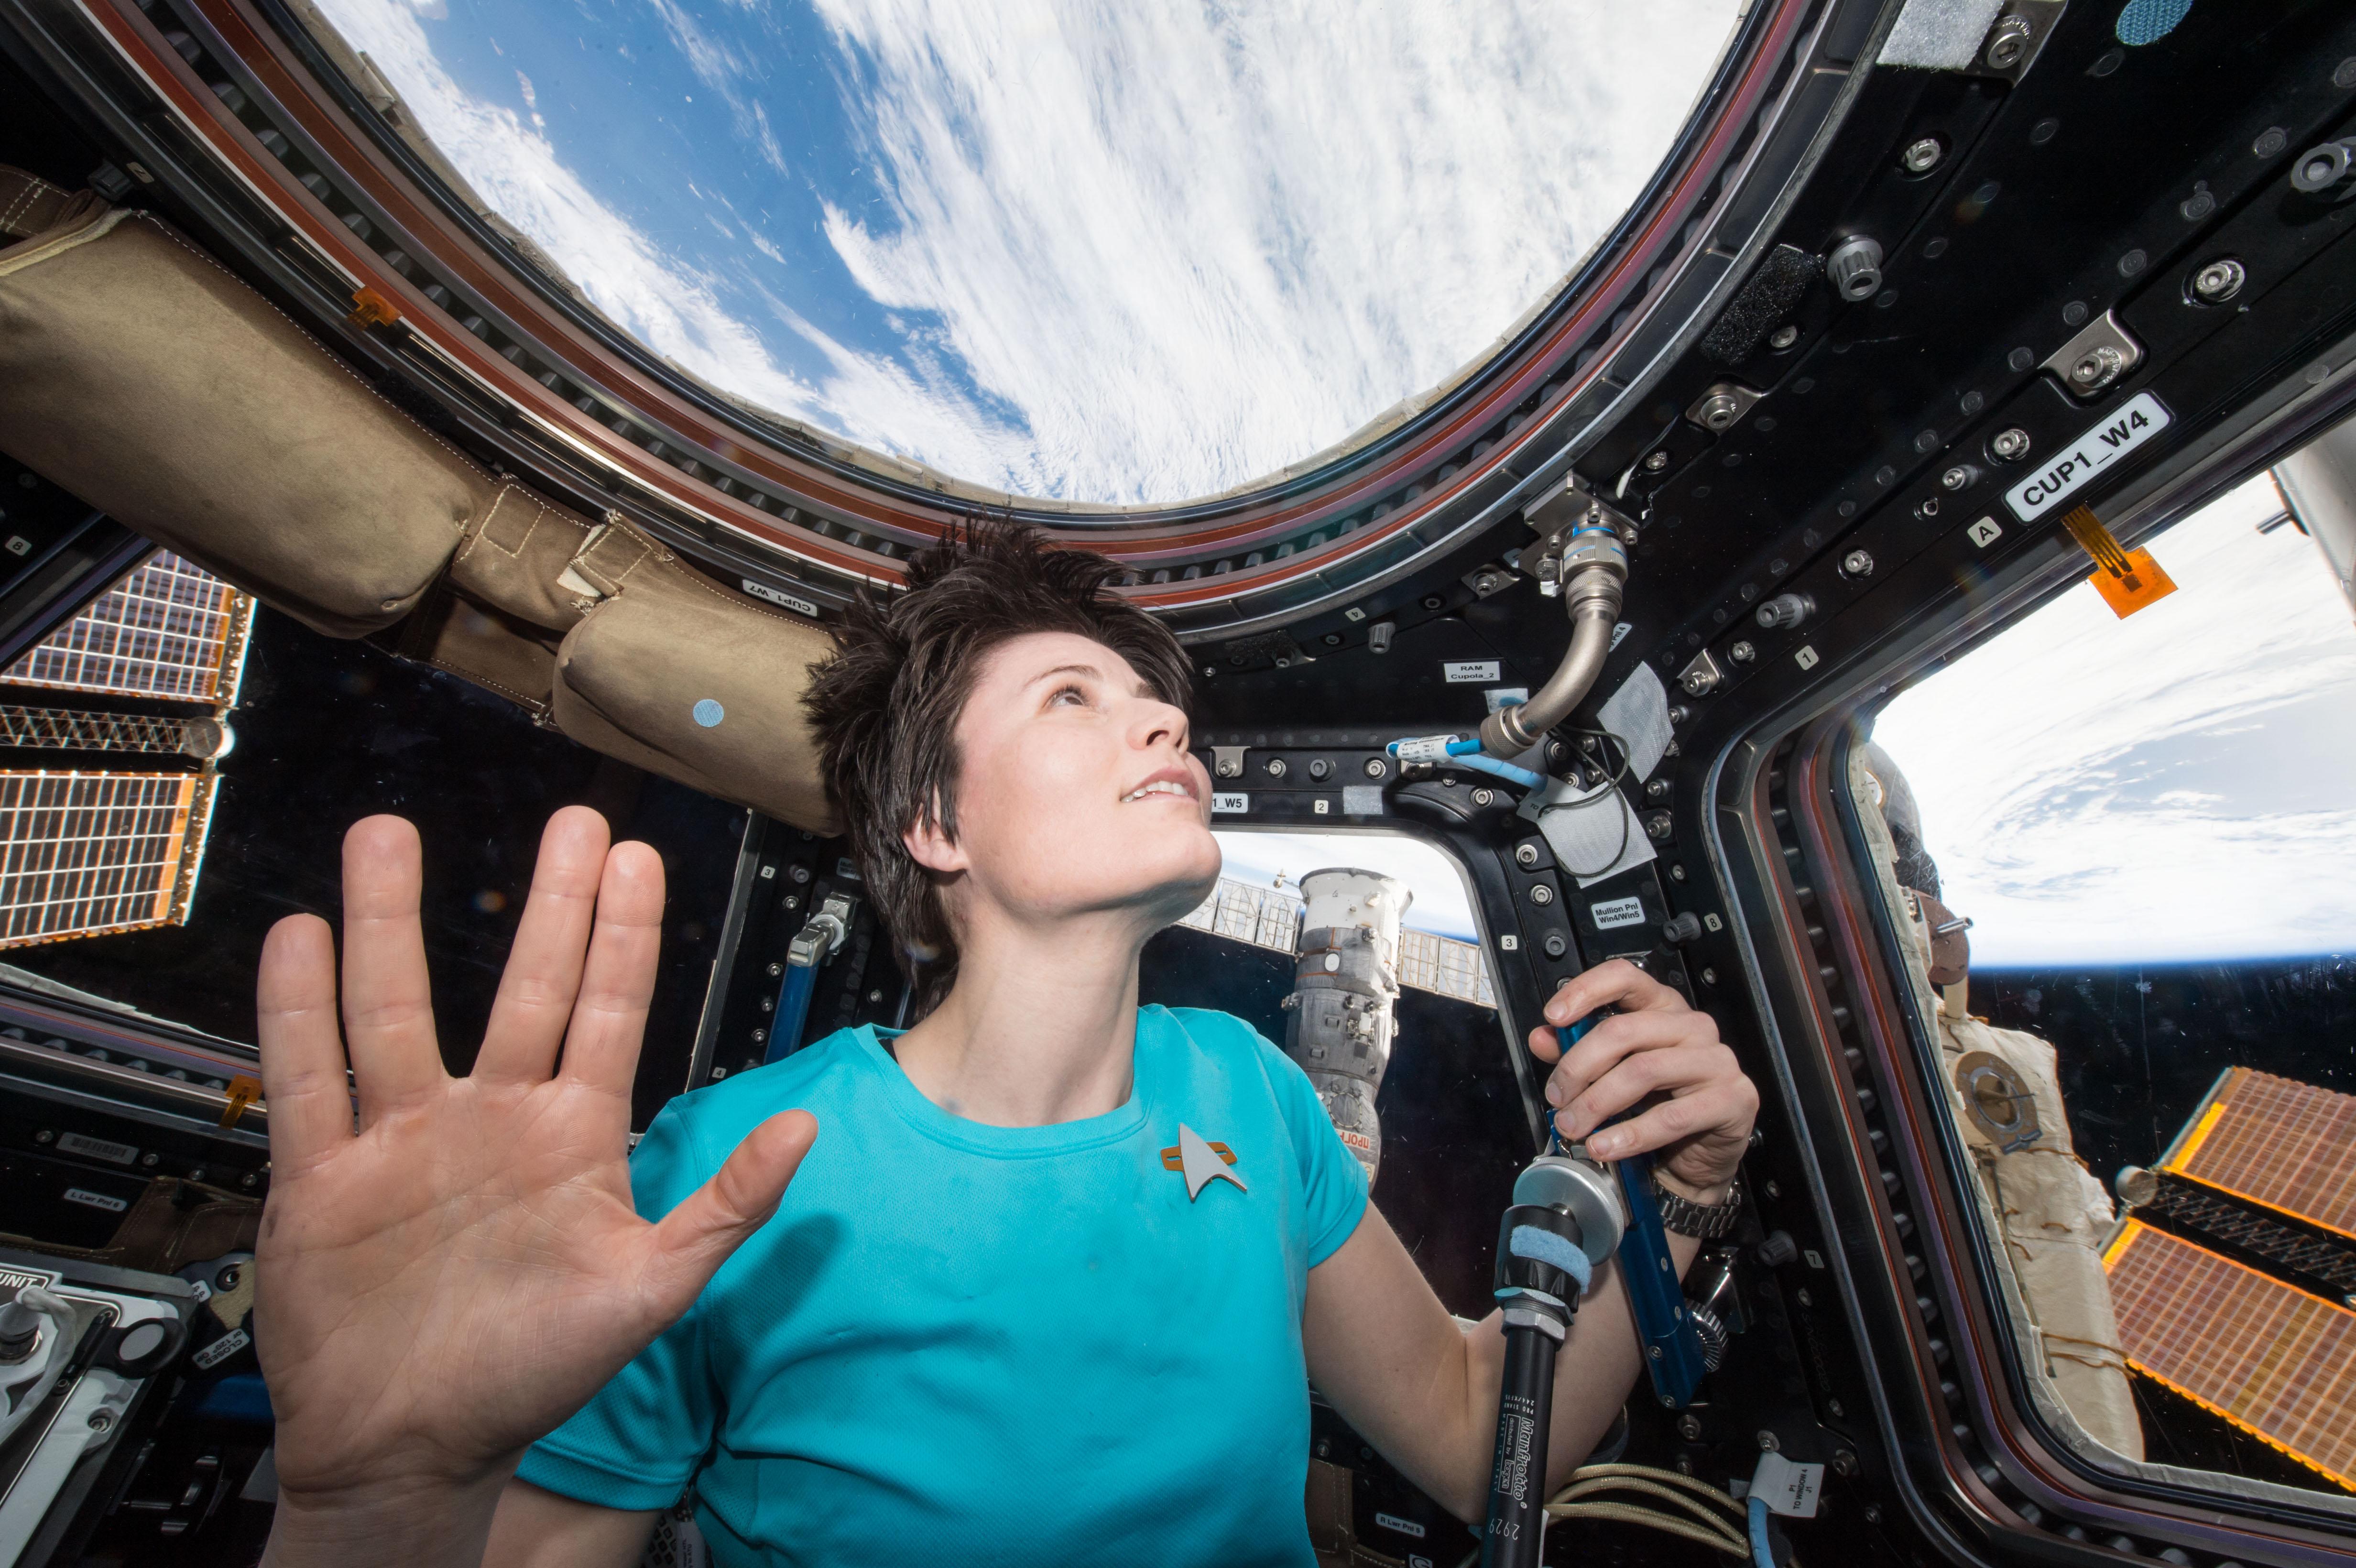 Vivere nello spazio: come si dorme, mangia e respira